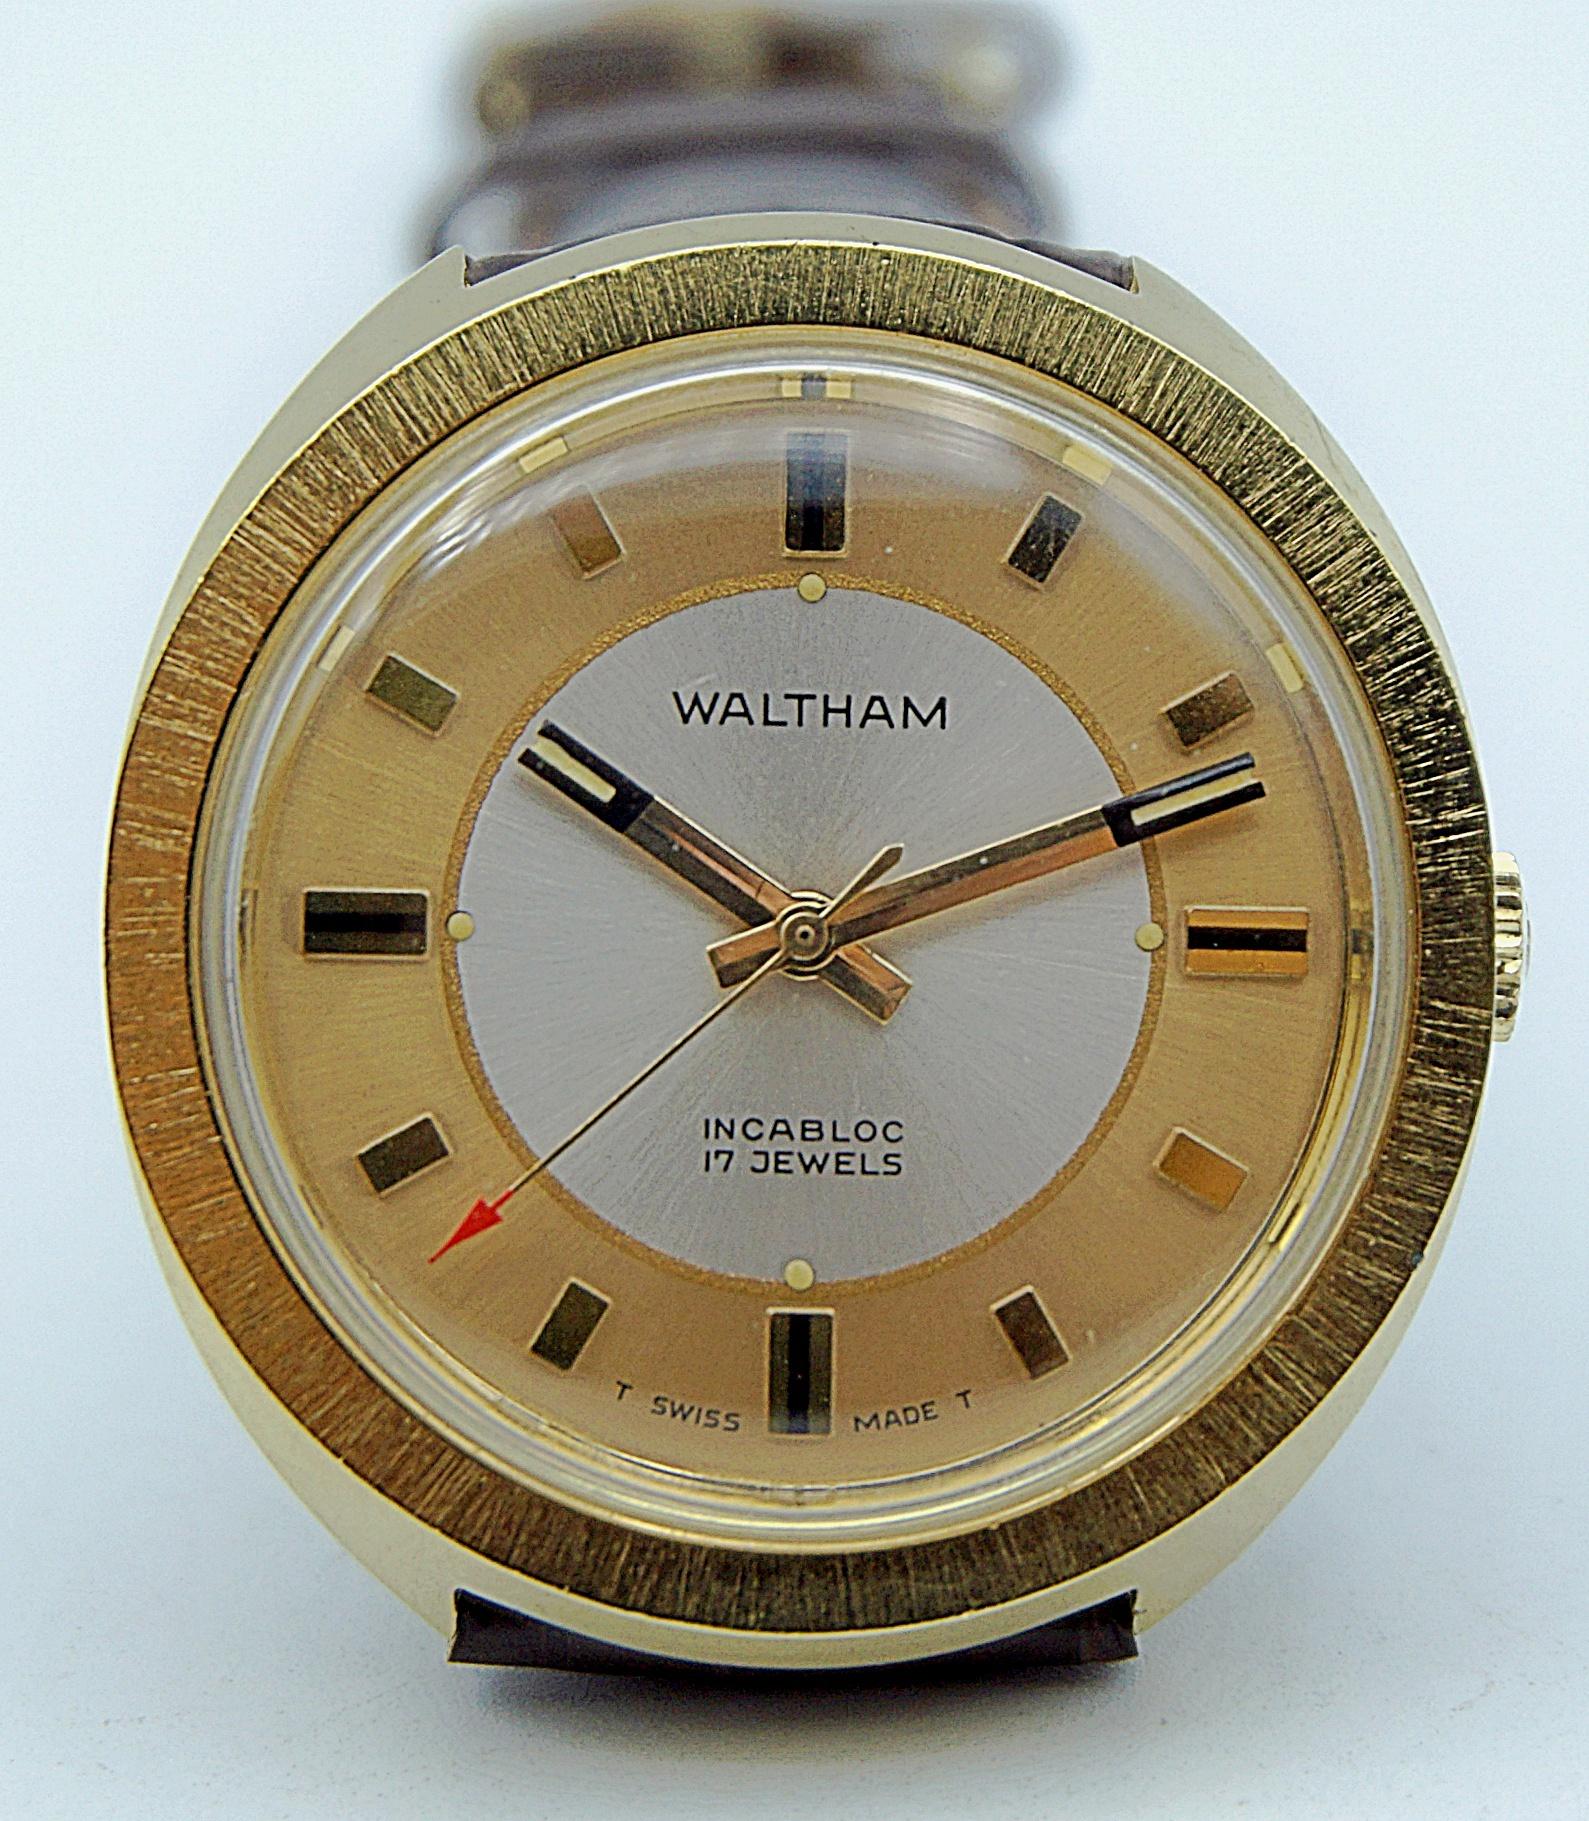 นาฬิกาเก่า WALTHAM ไขลาน